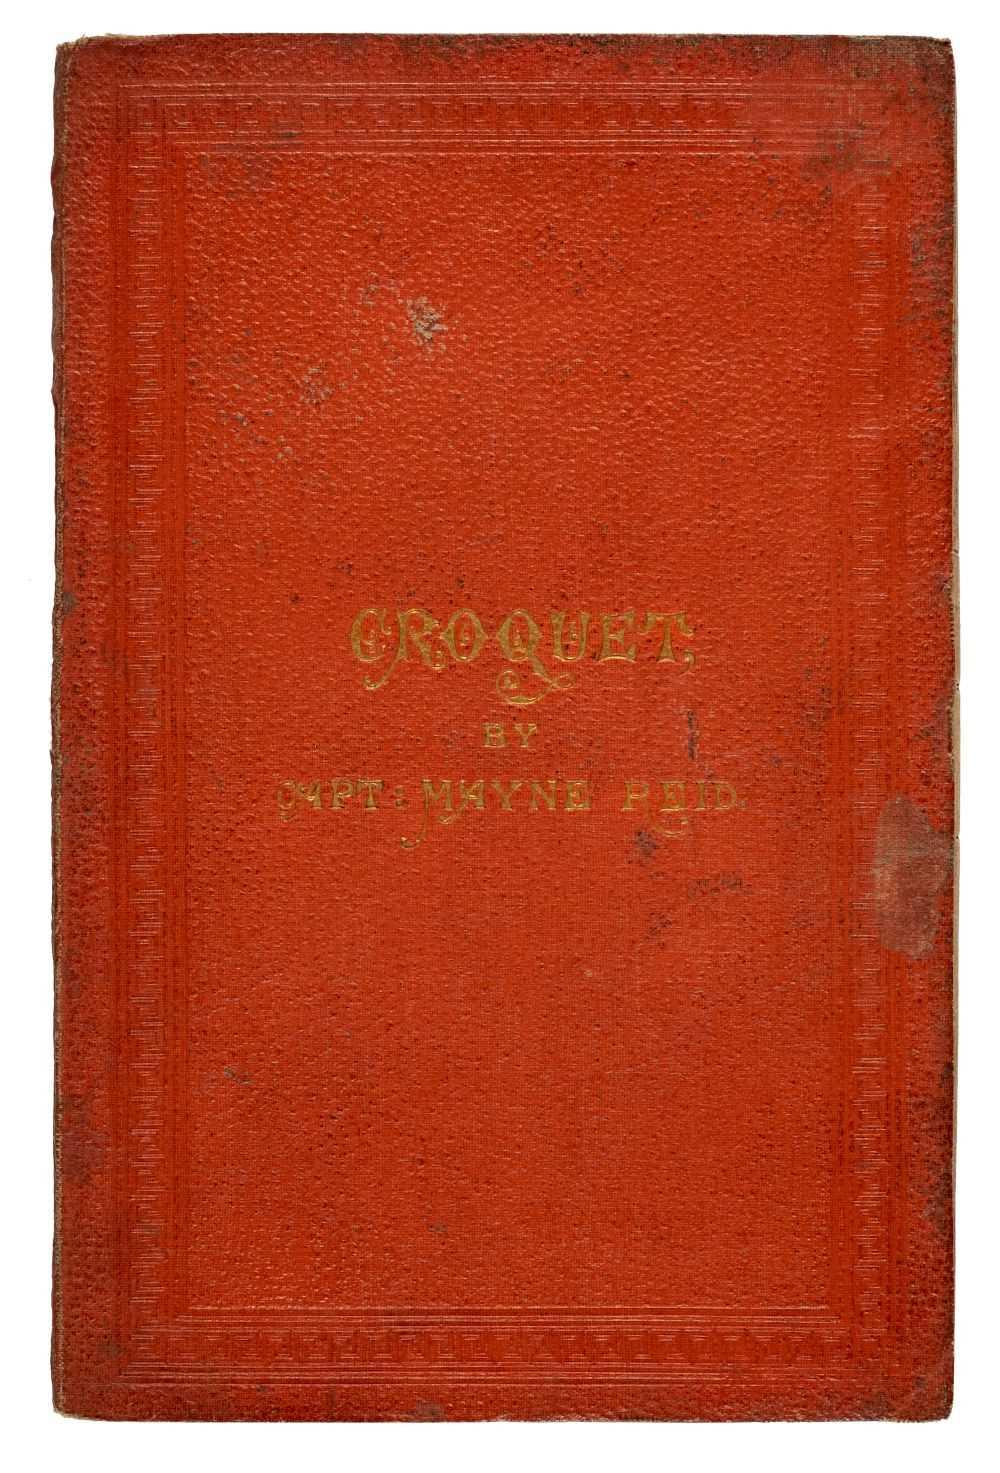 Lot 532 - Reid (Captain Mayne). Croquet, 1st edition, 1863